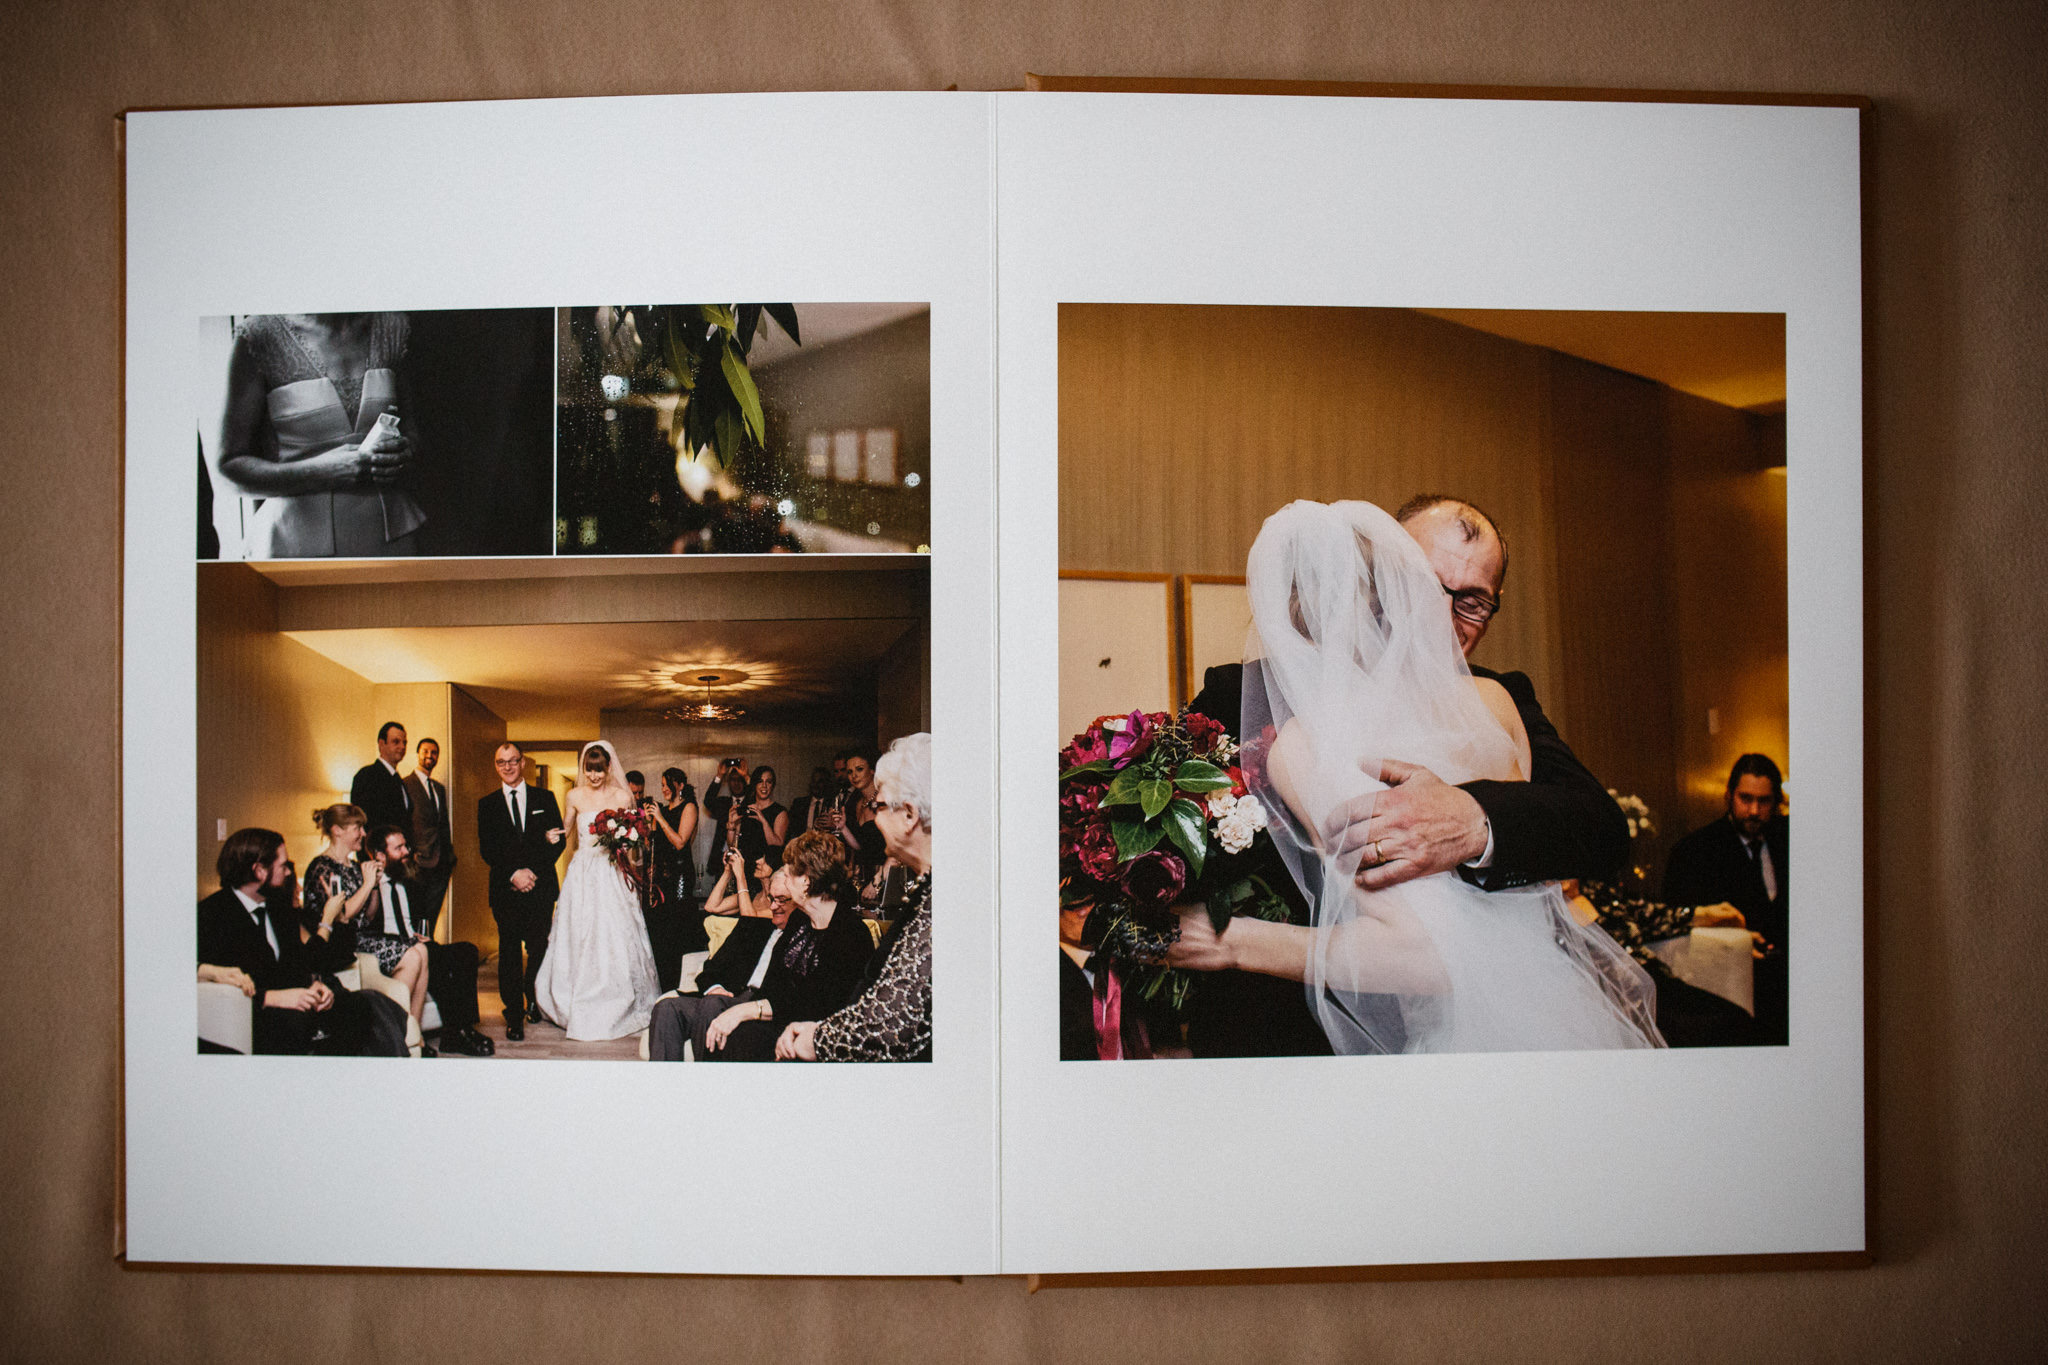 DanijelaWeddings-album-wedding-photos-Toronto-32.JPG